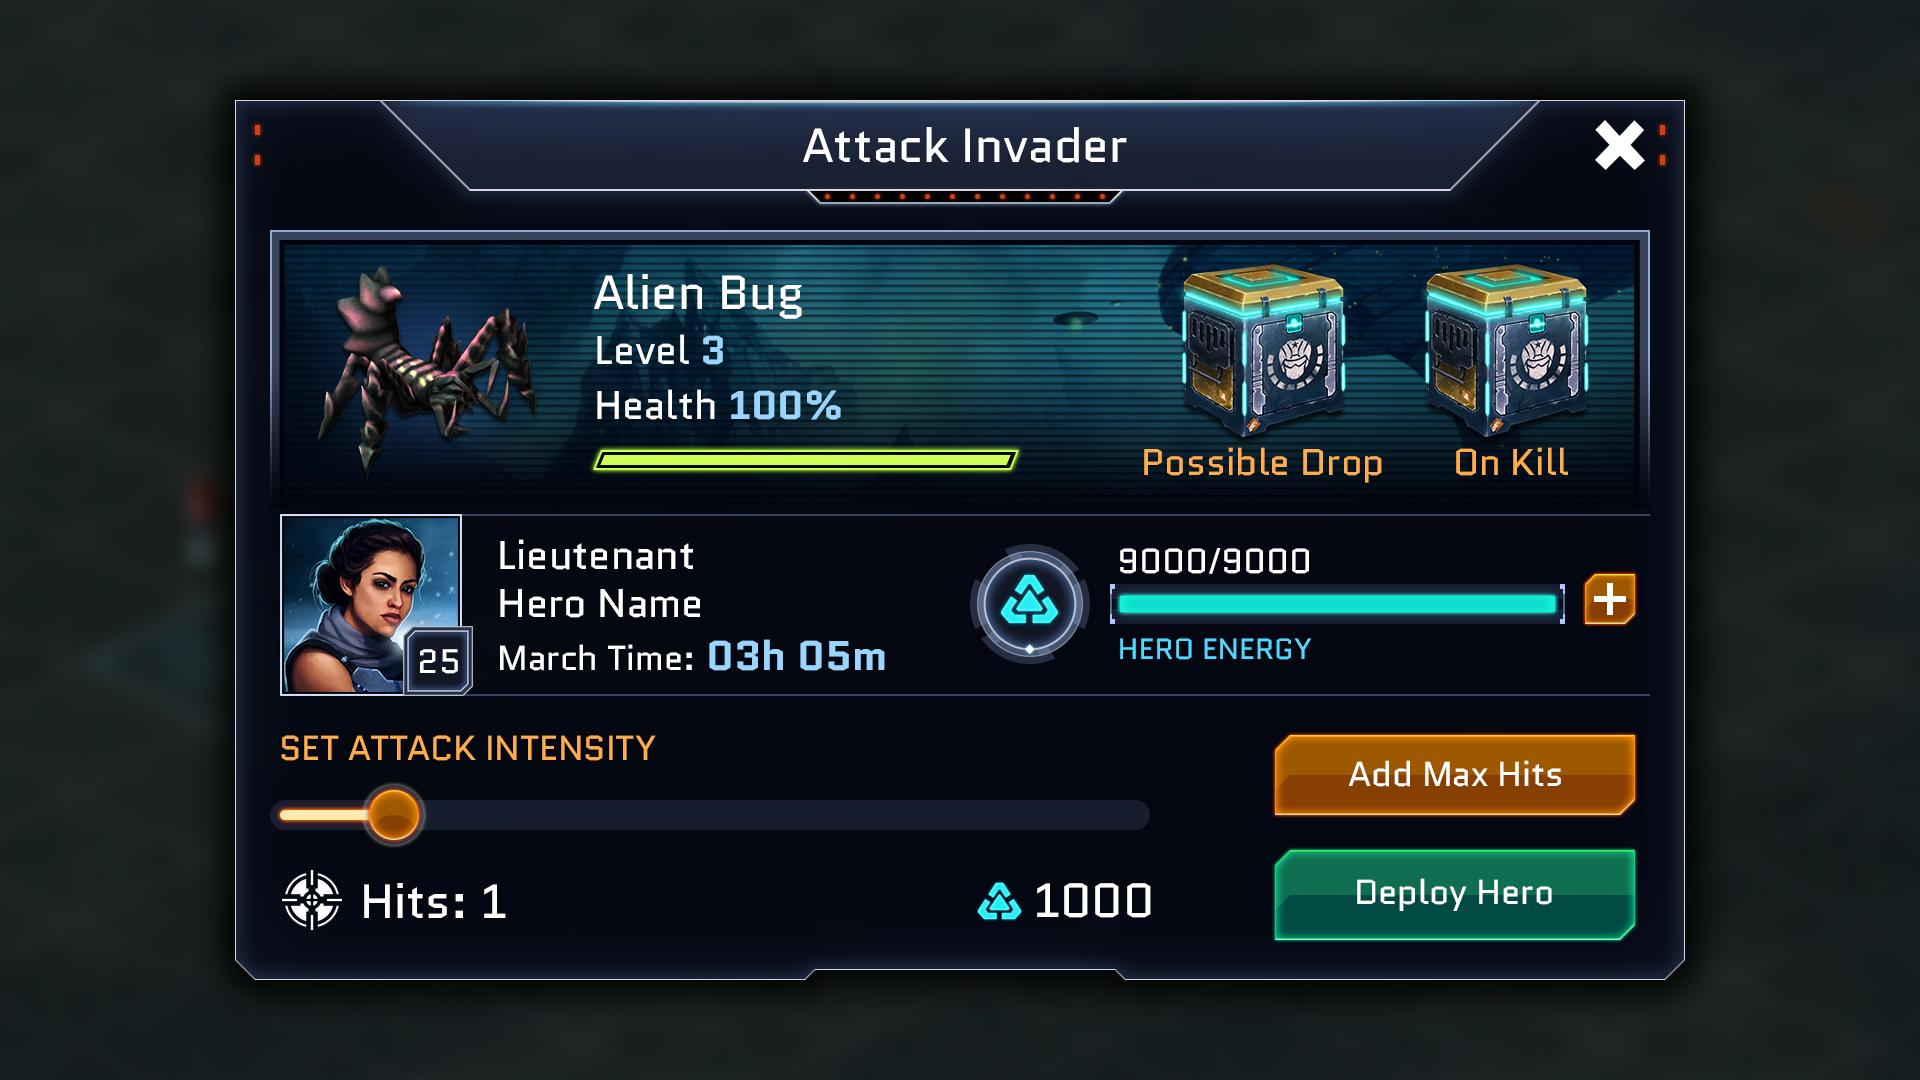 invader_attack_panel.jpg